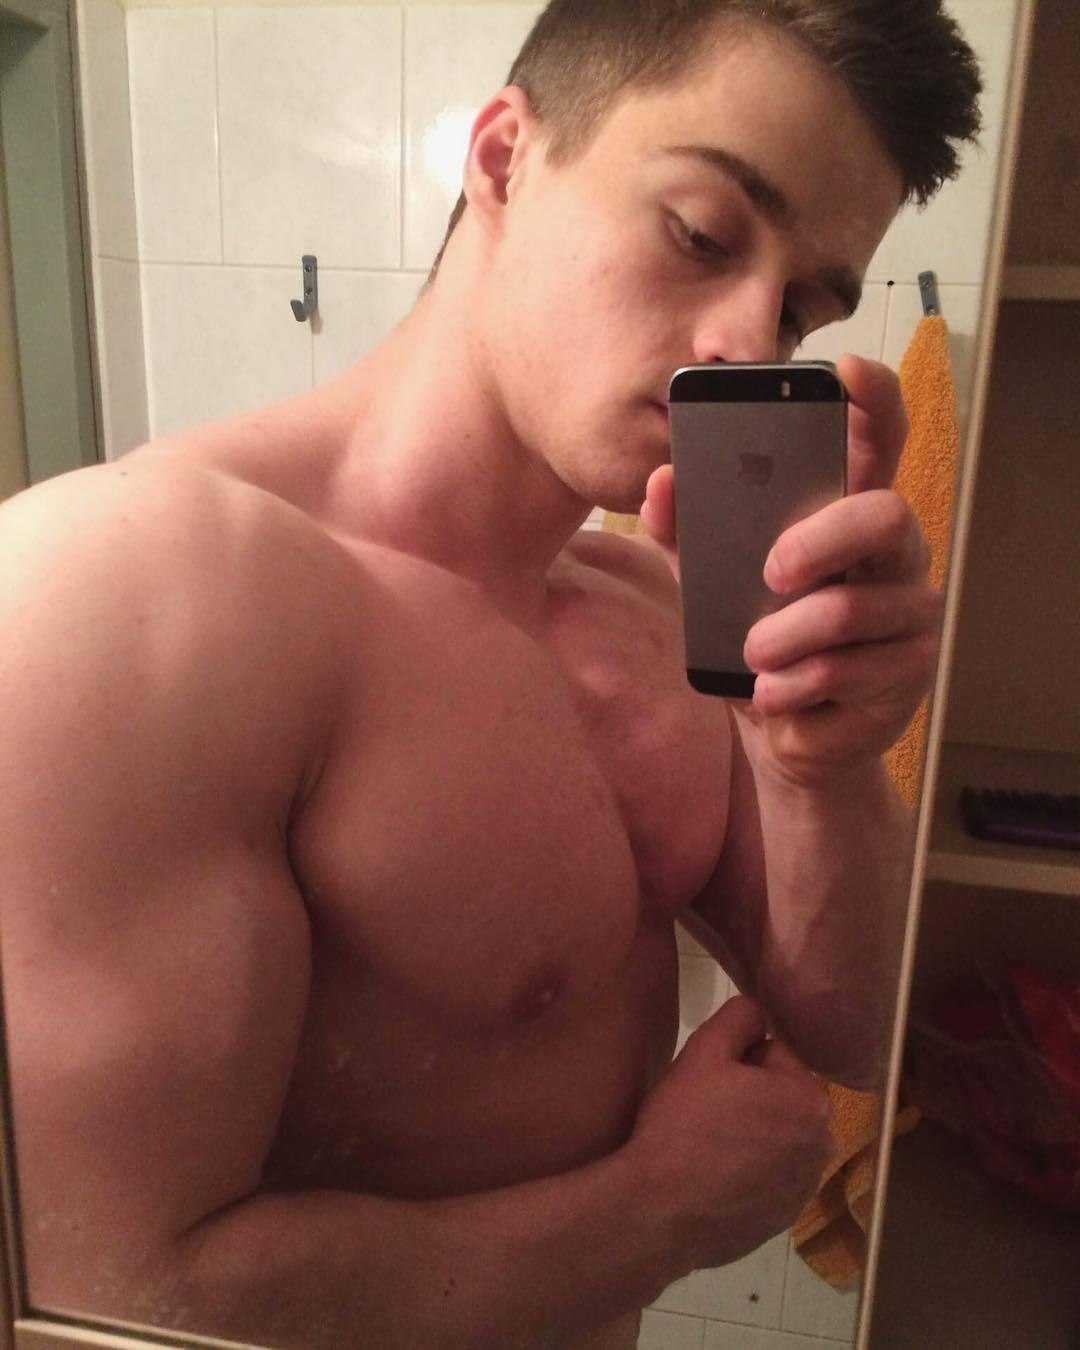 str8-bait-selfie-bro-pavel-pivovarcik-muscular-barechest-youngster-bodybuilder